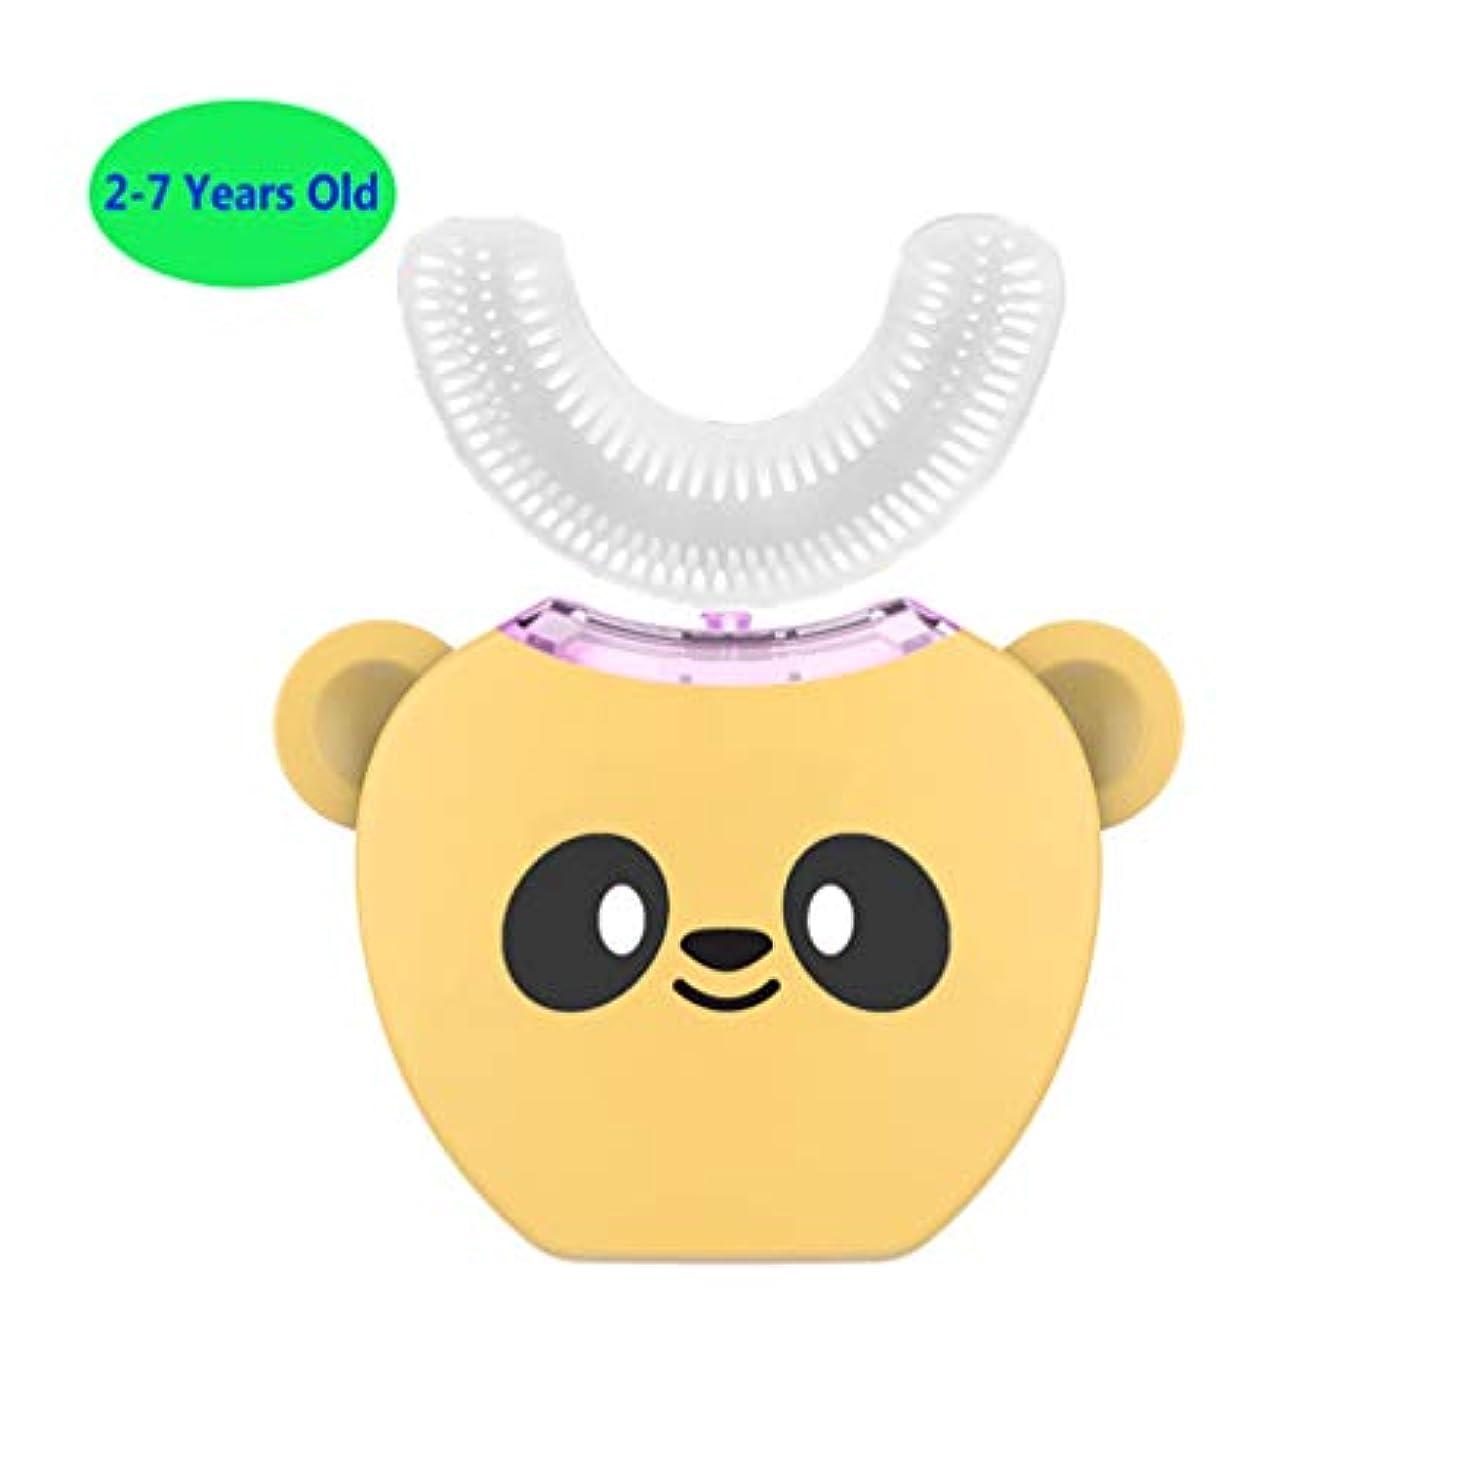 ペリスコープ作るほのめかす子供のためのフルオートの電動歯ブラシ、360°超音波電動歯ブラシ、冷光、美白装置、自動歯ブラシ、ワイヤレス充電ドック,Yellow,2/7Years